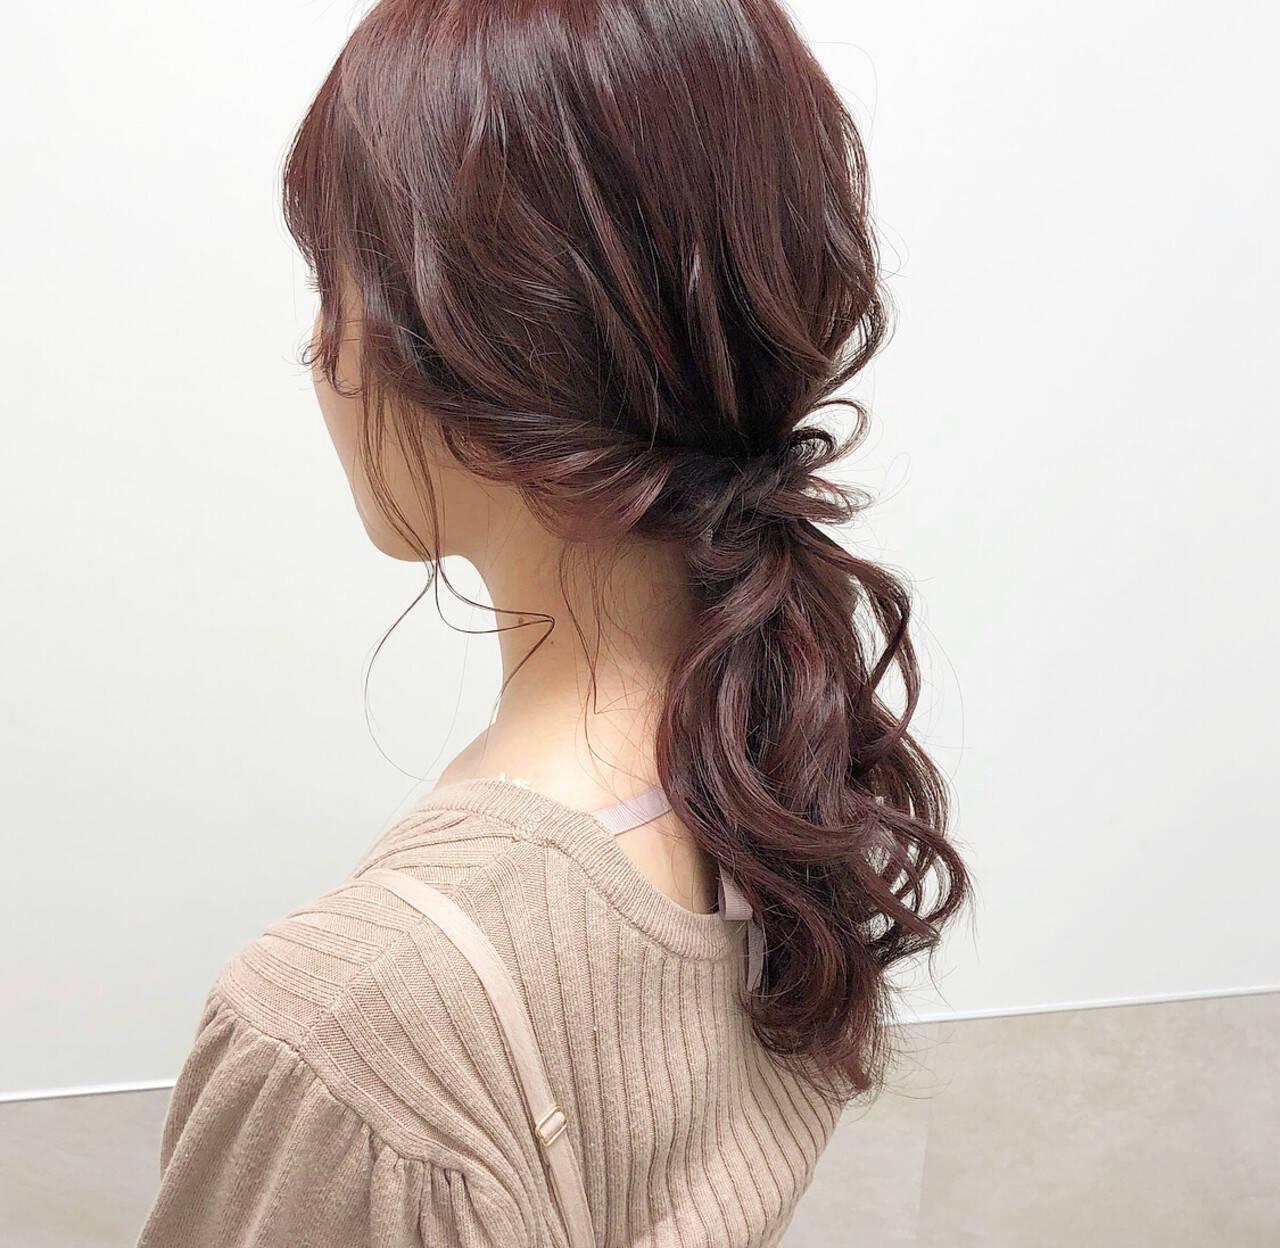 ナチュラル ヘアアレンジ ポニーテール 大人可愛いヘアスタイルや髪型の写真・画像